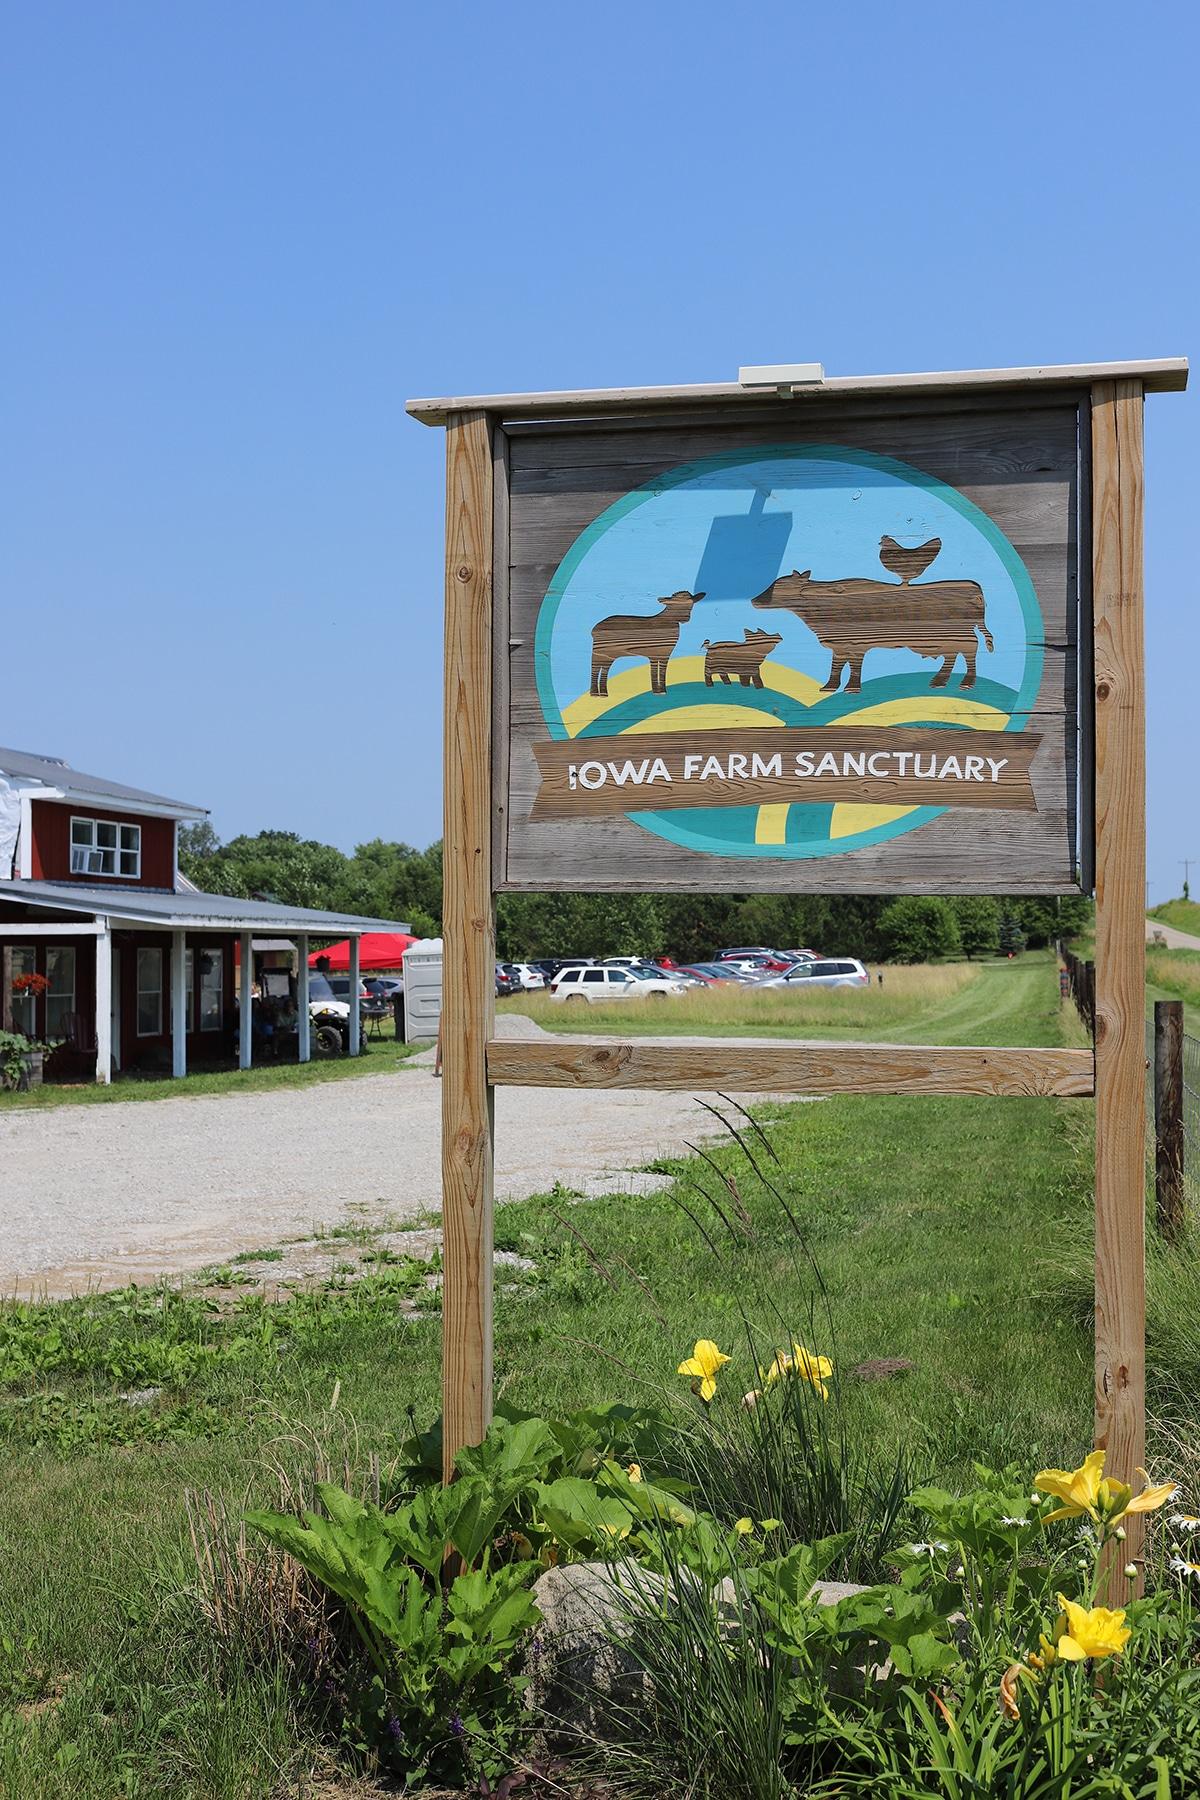 Iowa Farm Sanctuary sign by farm.